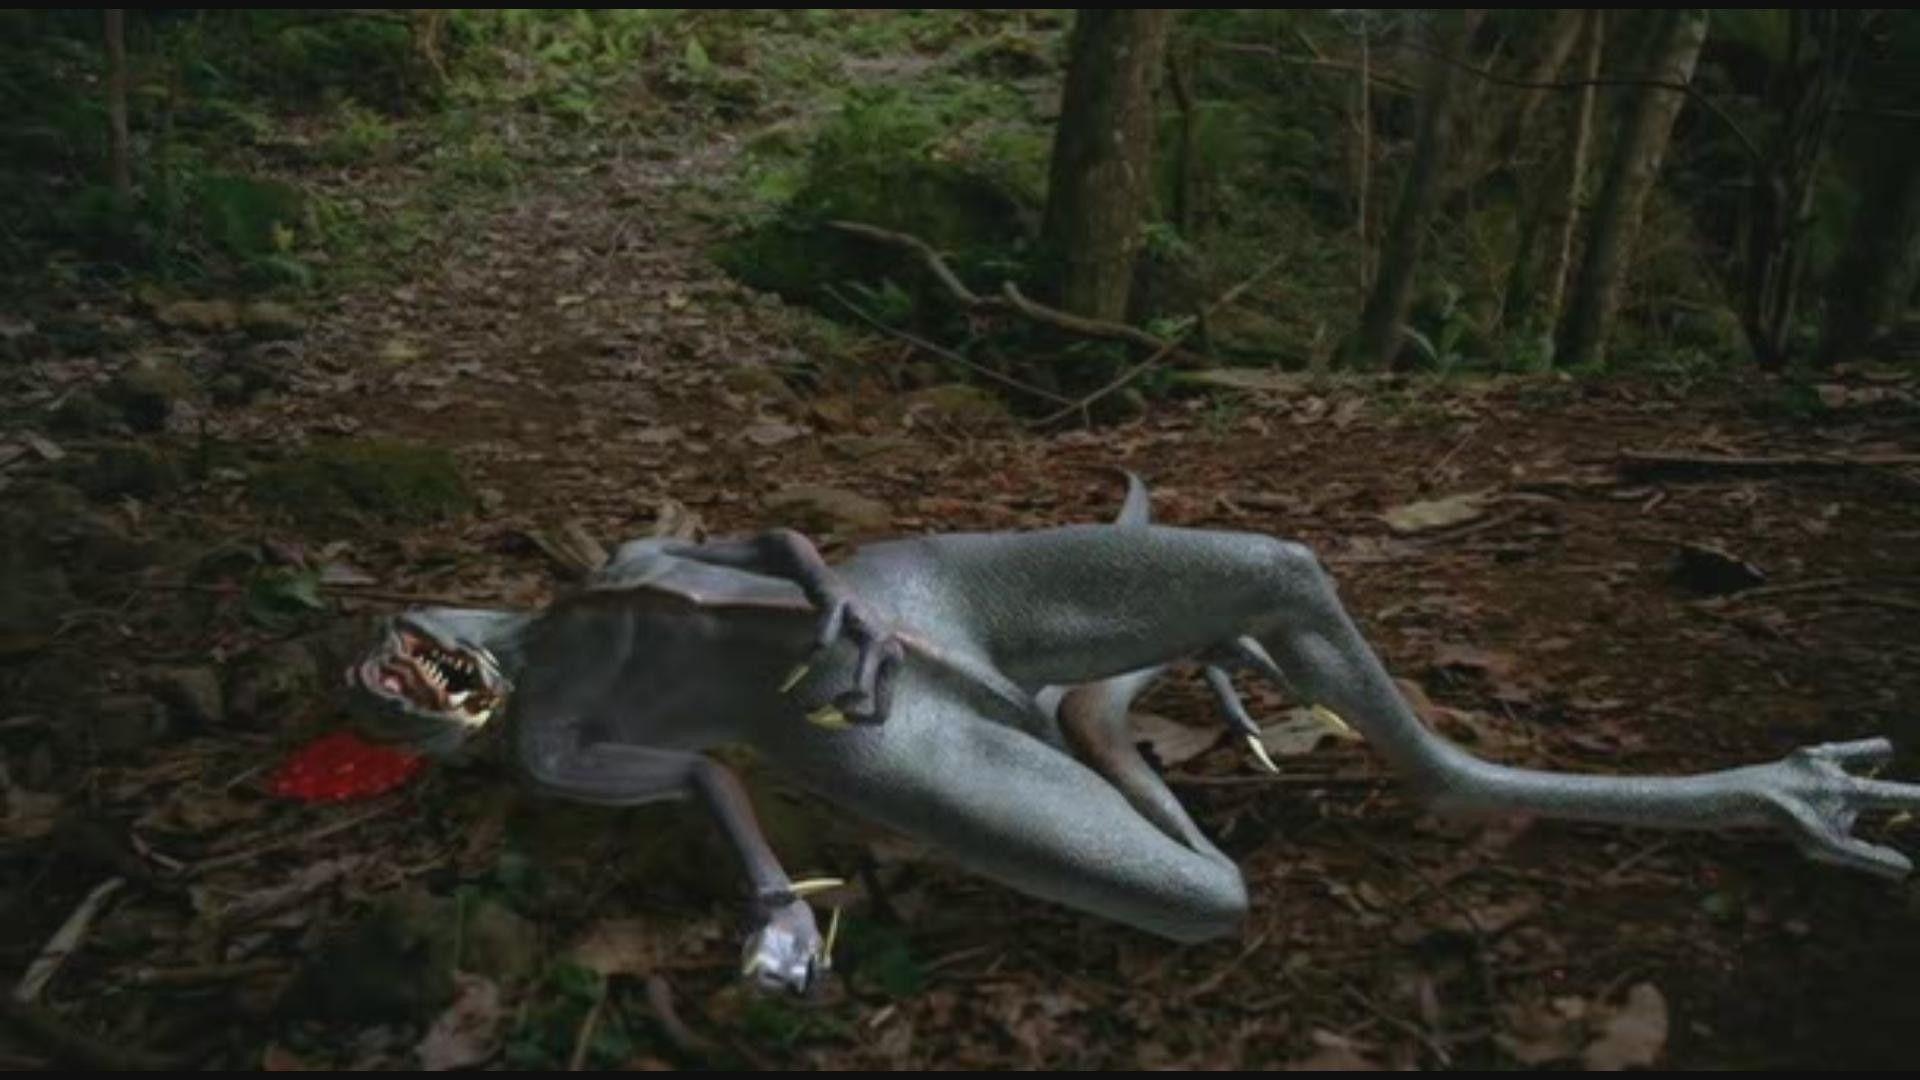 Ser/bicho entre velociraptor y alien muriendo justo después de verse en el espejo, creo recordar...